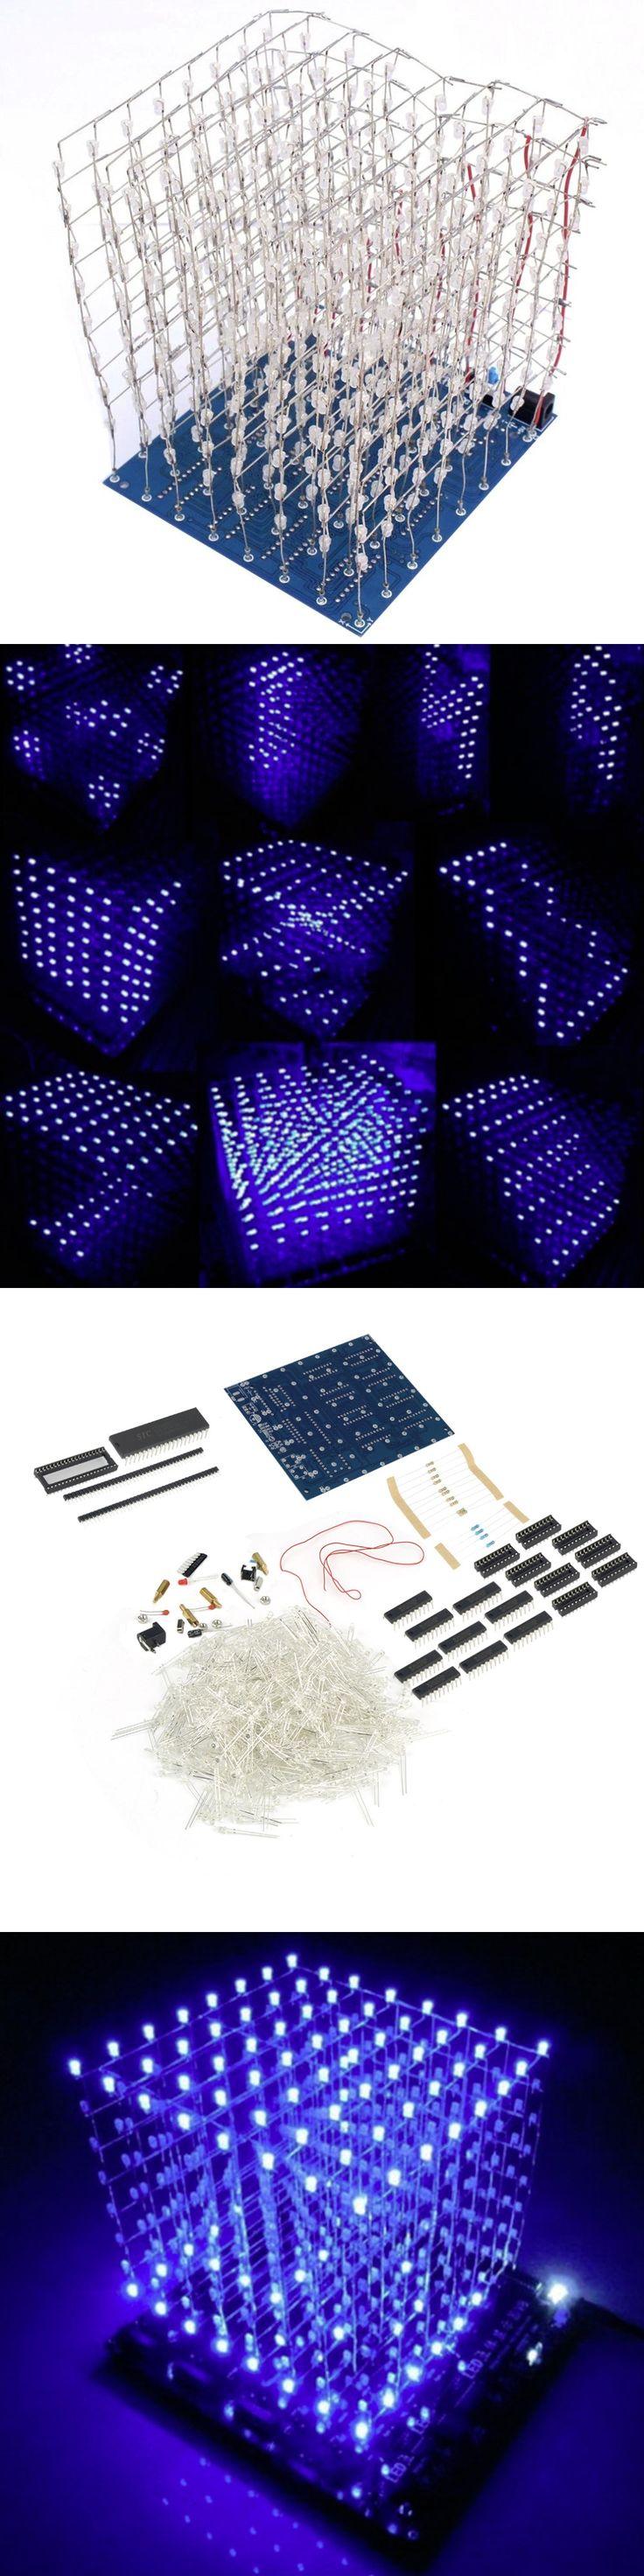 3D Squared DIY Kit 8x8x8 3mm LED Cube White LED Blue/Red Light PCB Board Wholesale